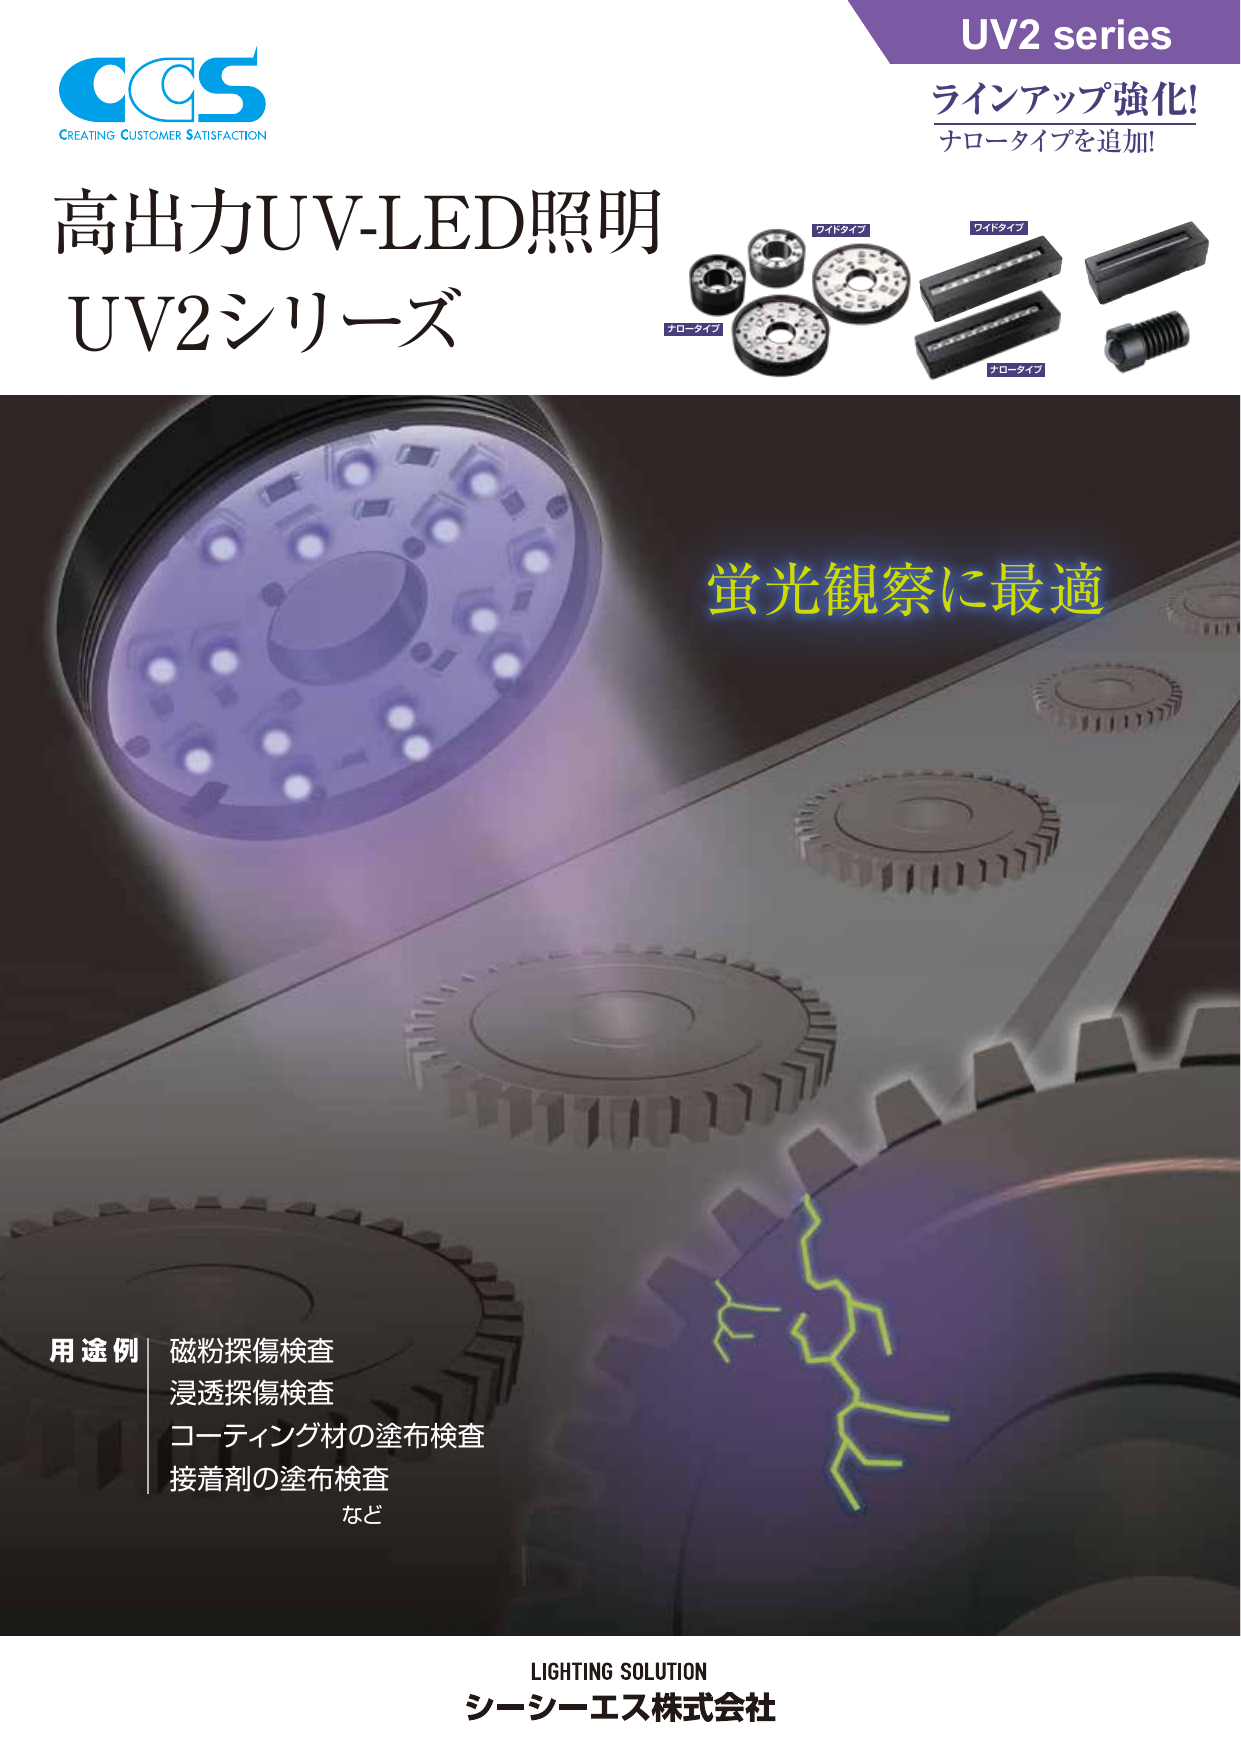 蛍光観察に最適 高出力UV-LED照明 UV2シリーズ